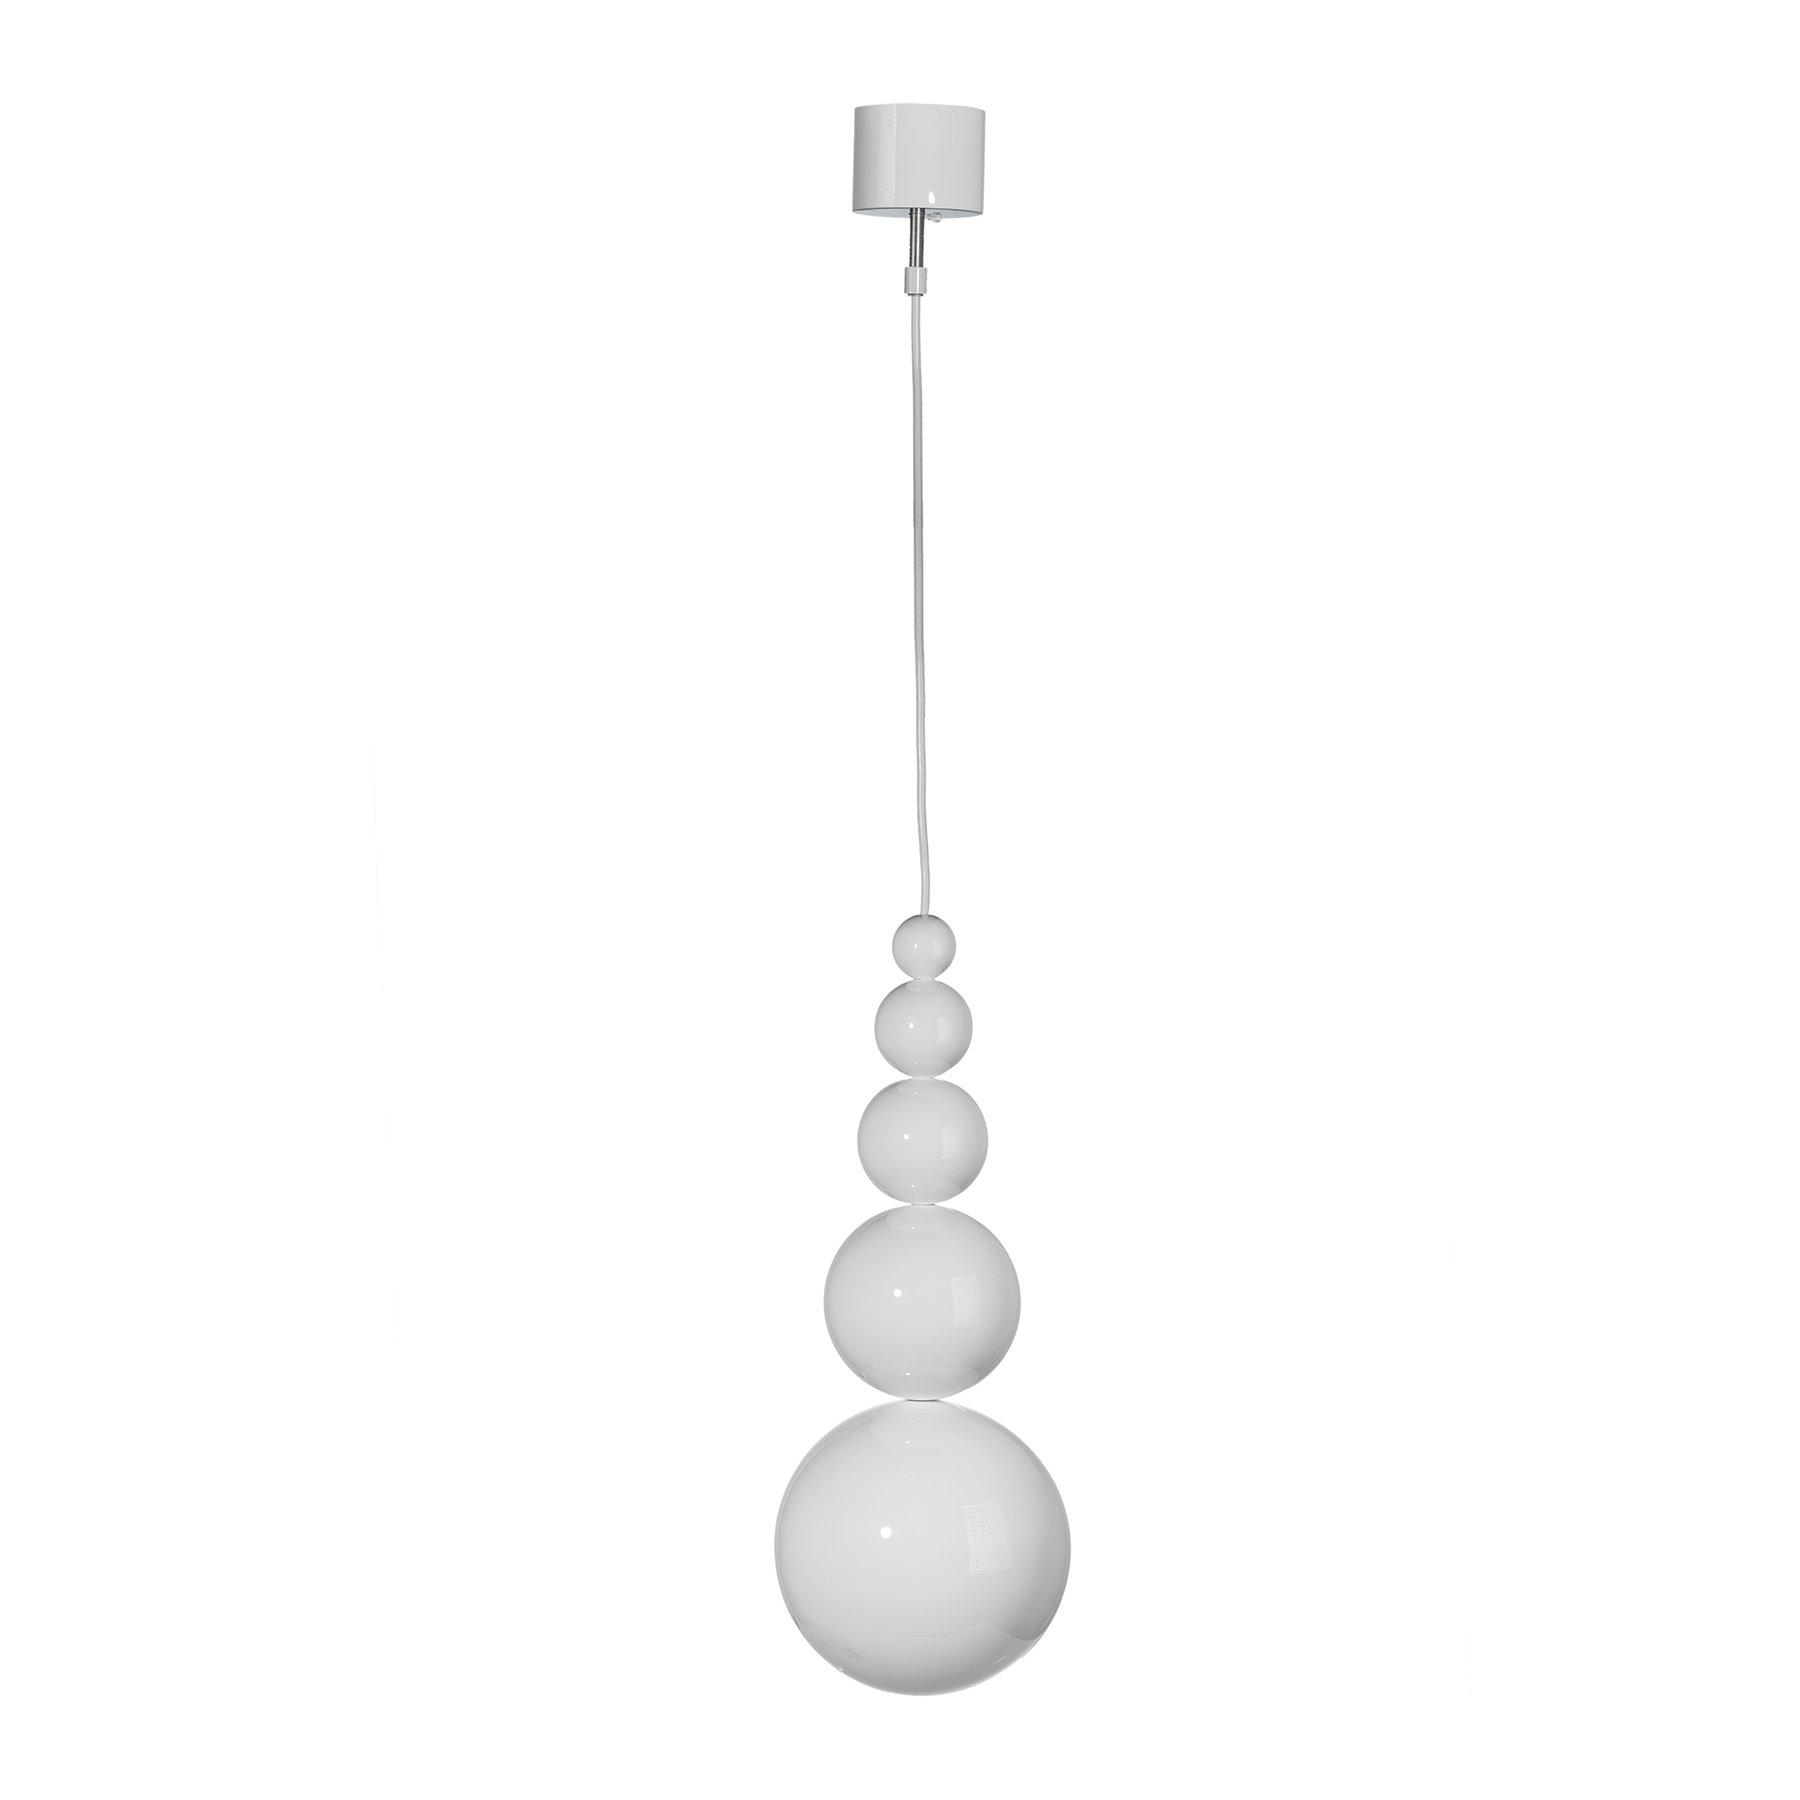 Купить Подвесной светильник Shelton белый, inmyroom, Китай